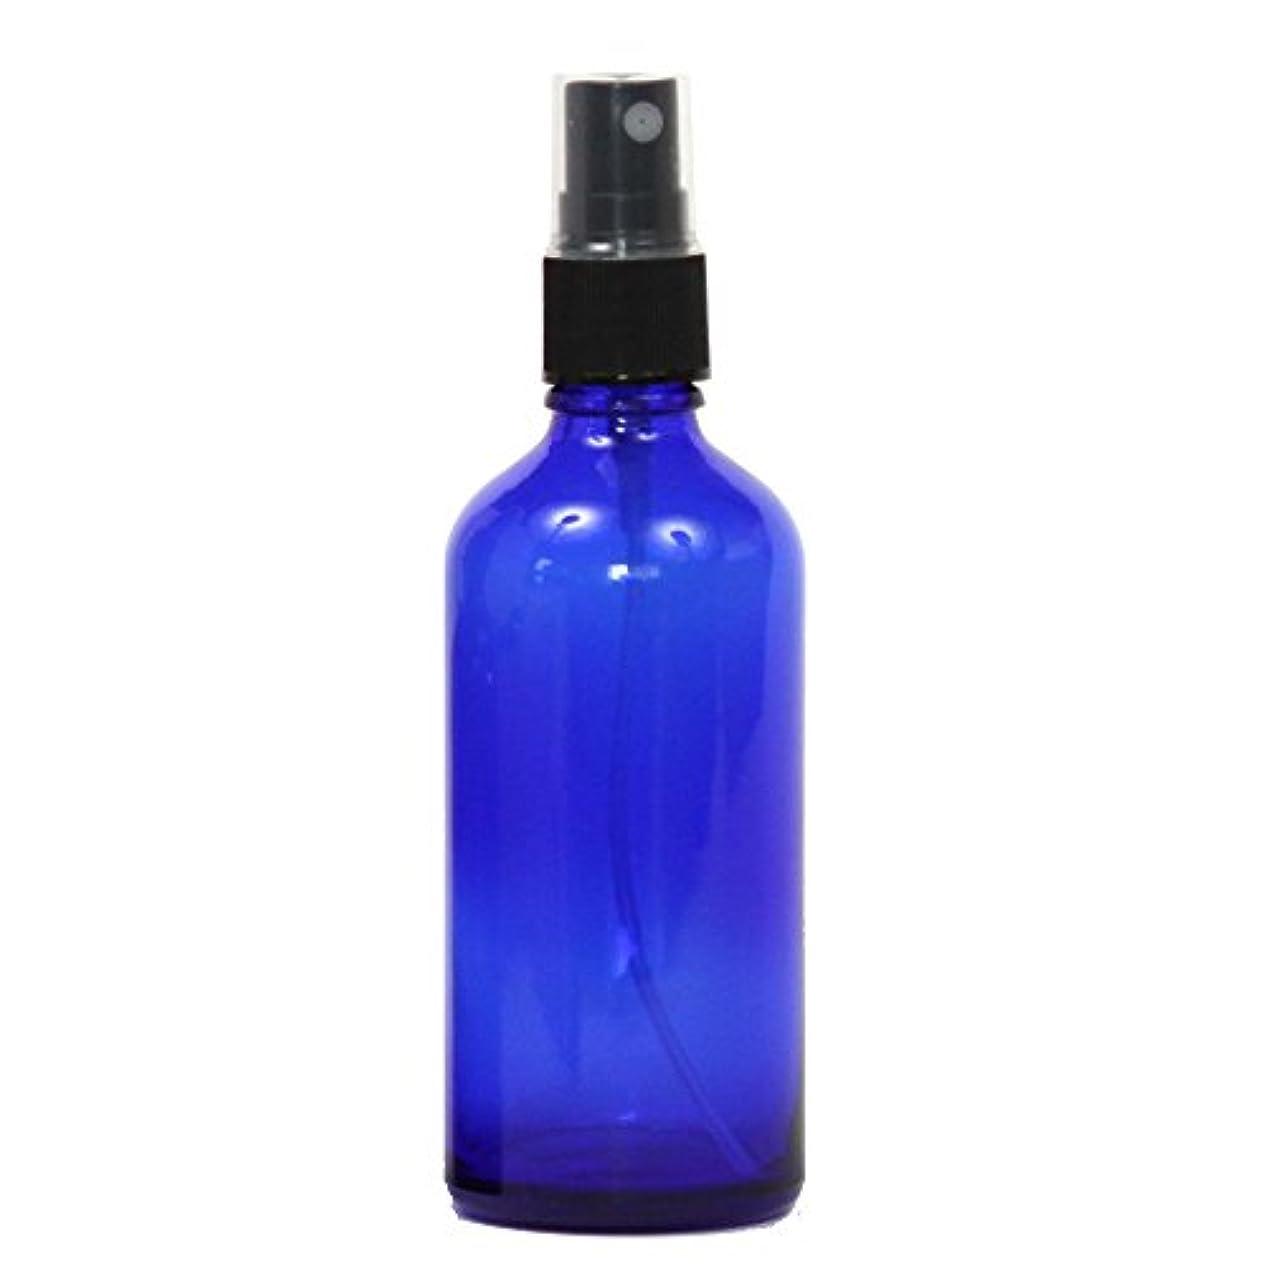 患者墓気質スプレーボトル ガラス瓶 100mL 【コバルト 青色】 遮光性 ブルーガラスアトマイザー 空容器bu100g